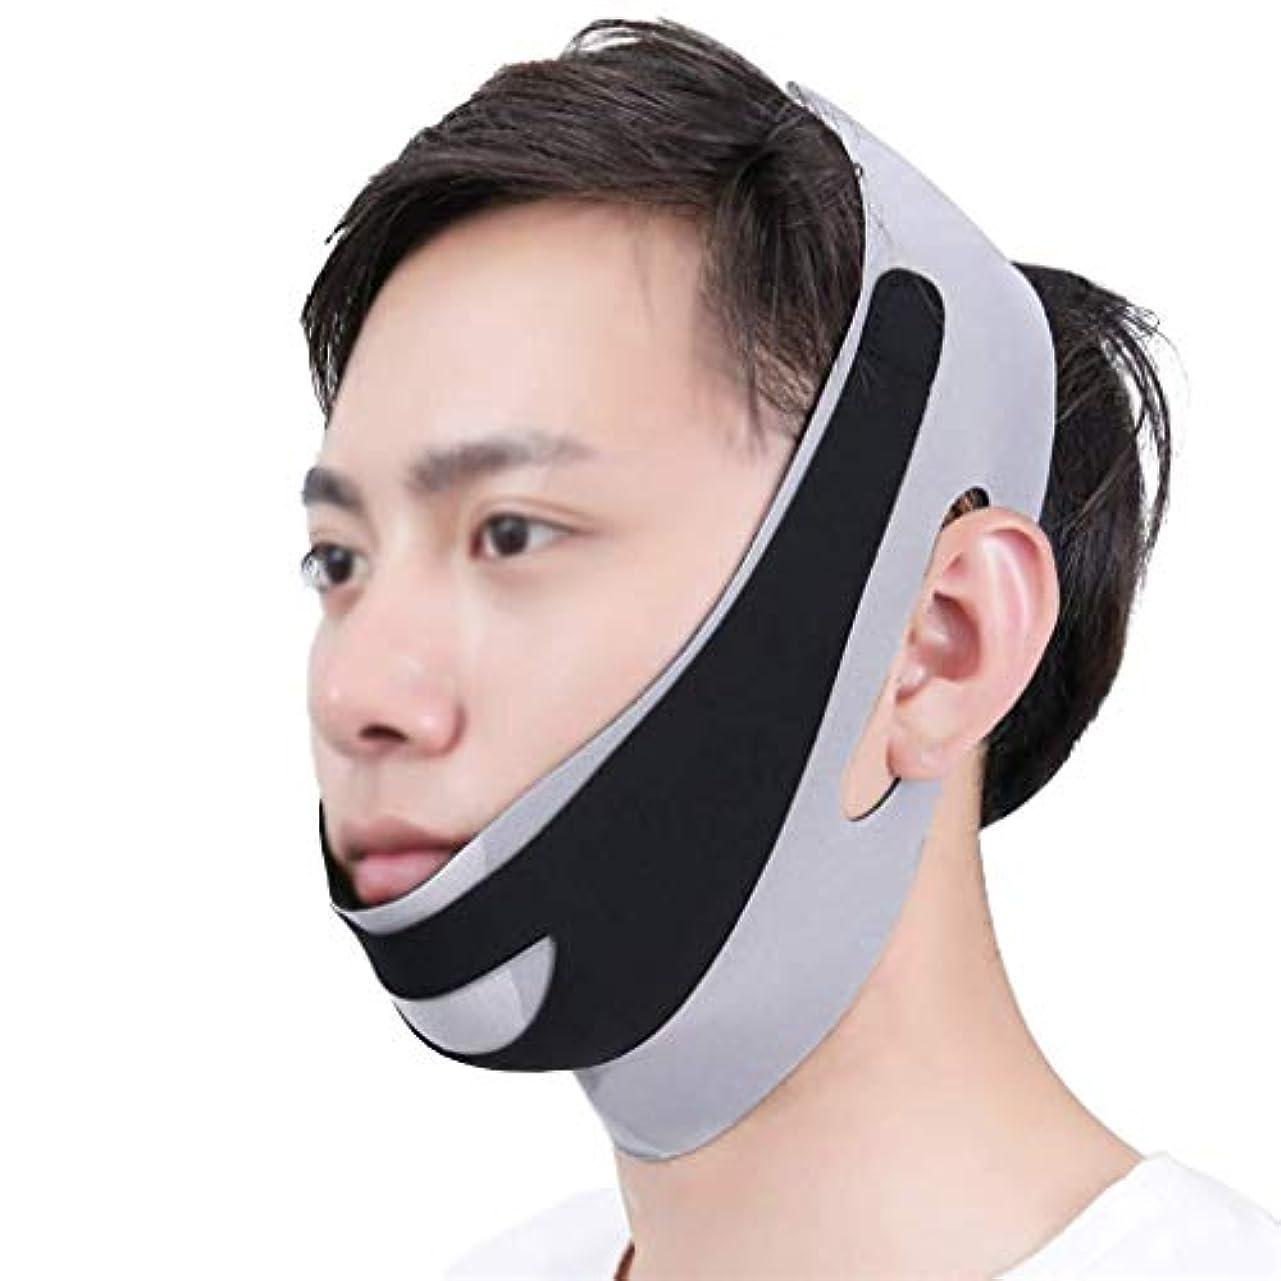 ポジションカフェ言う顔と首のリフト術後の弾性フェイスマスク小さなV顔アーティファクト薄い顔包帯アーティファクトV顔ぶら下げ耳リフティング引き締め男性の顔アーティファクト